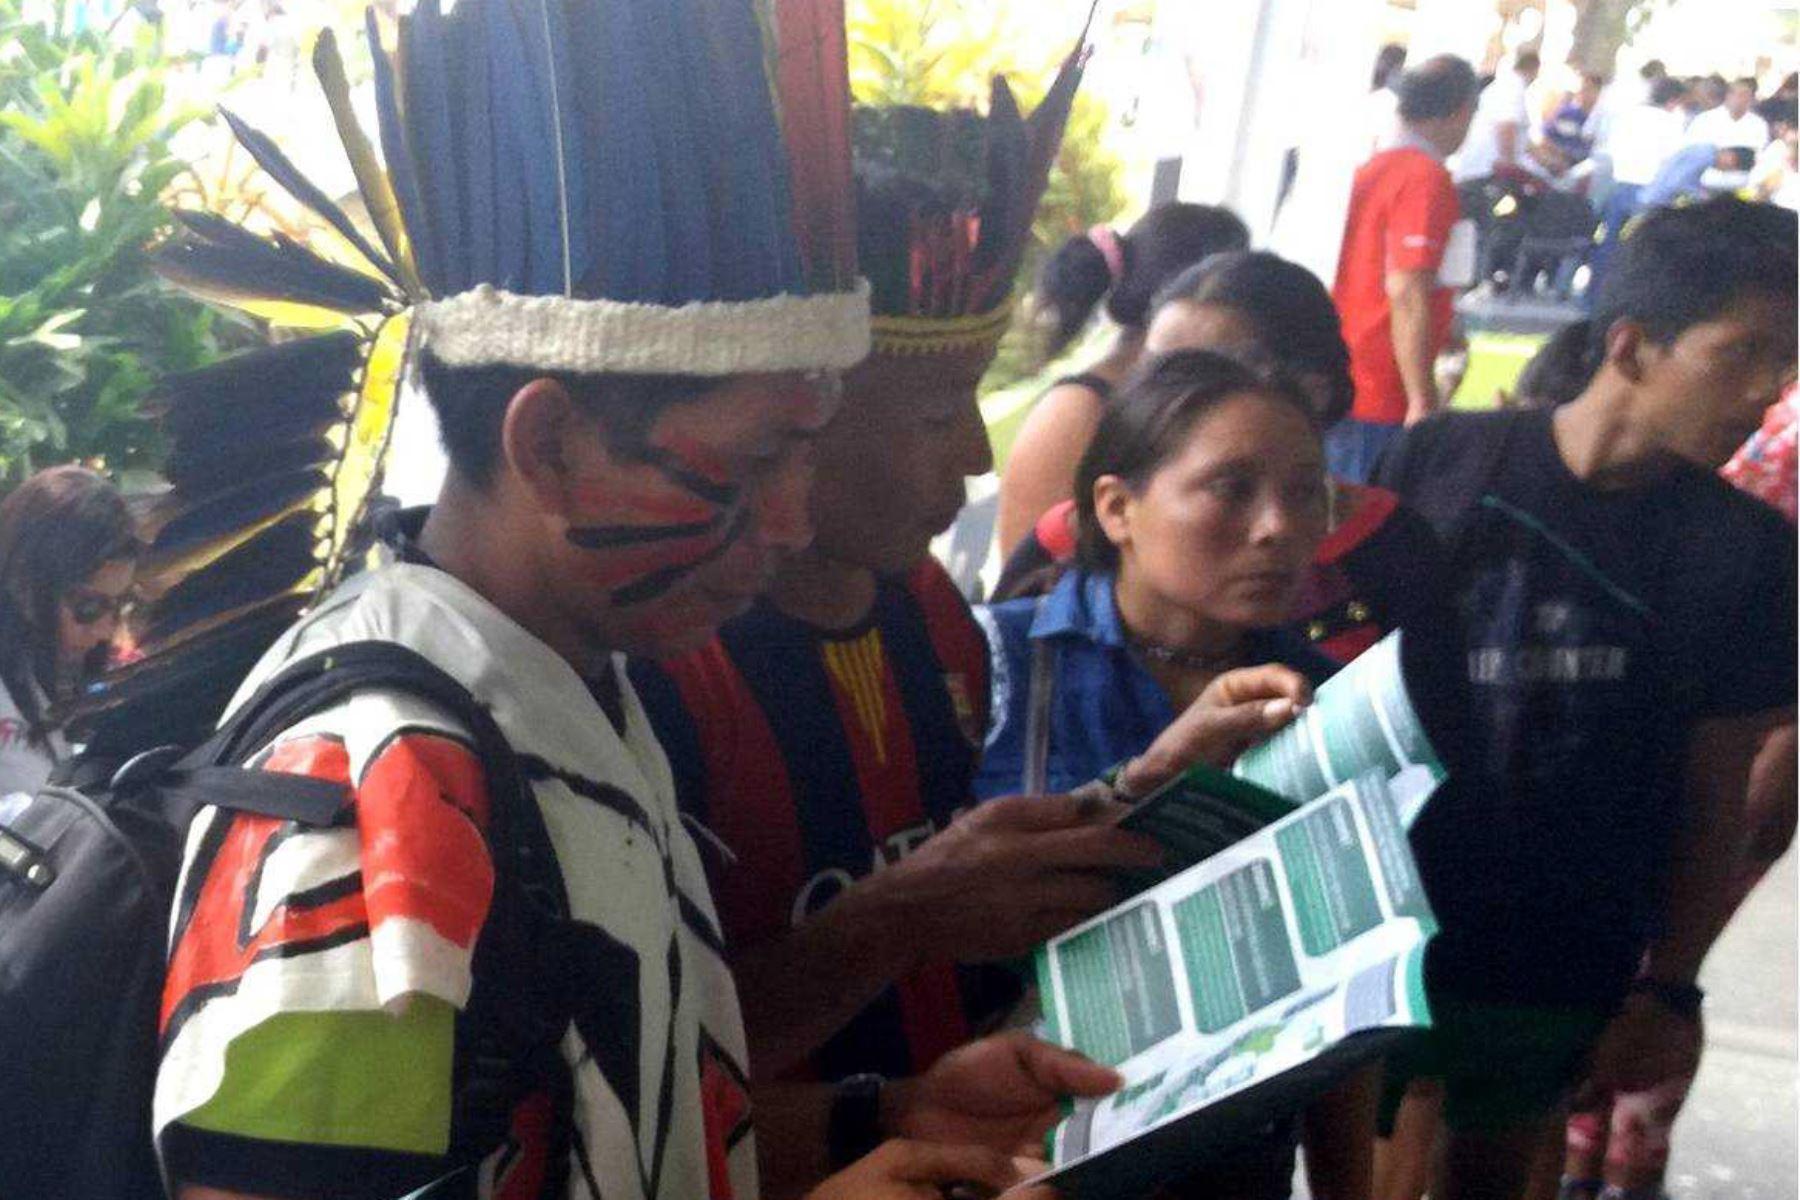 El proyecto de titulación de tierras que ejecuta el Ministerio de Agricultura y Riego (Minagri), a través de la Unidad Ejecutora Gestión de Proyectos Sectoriales, beneficiará a 403 comunidades indígenas, informó el sector en la ExpoAmazónica 2018, que se desarrolla en Pucallpa, región Ucayali.